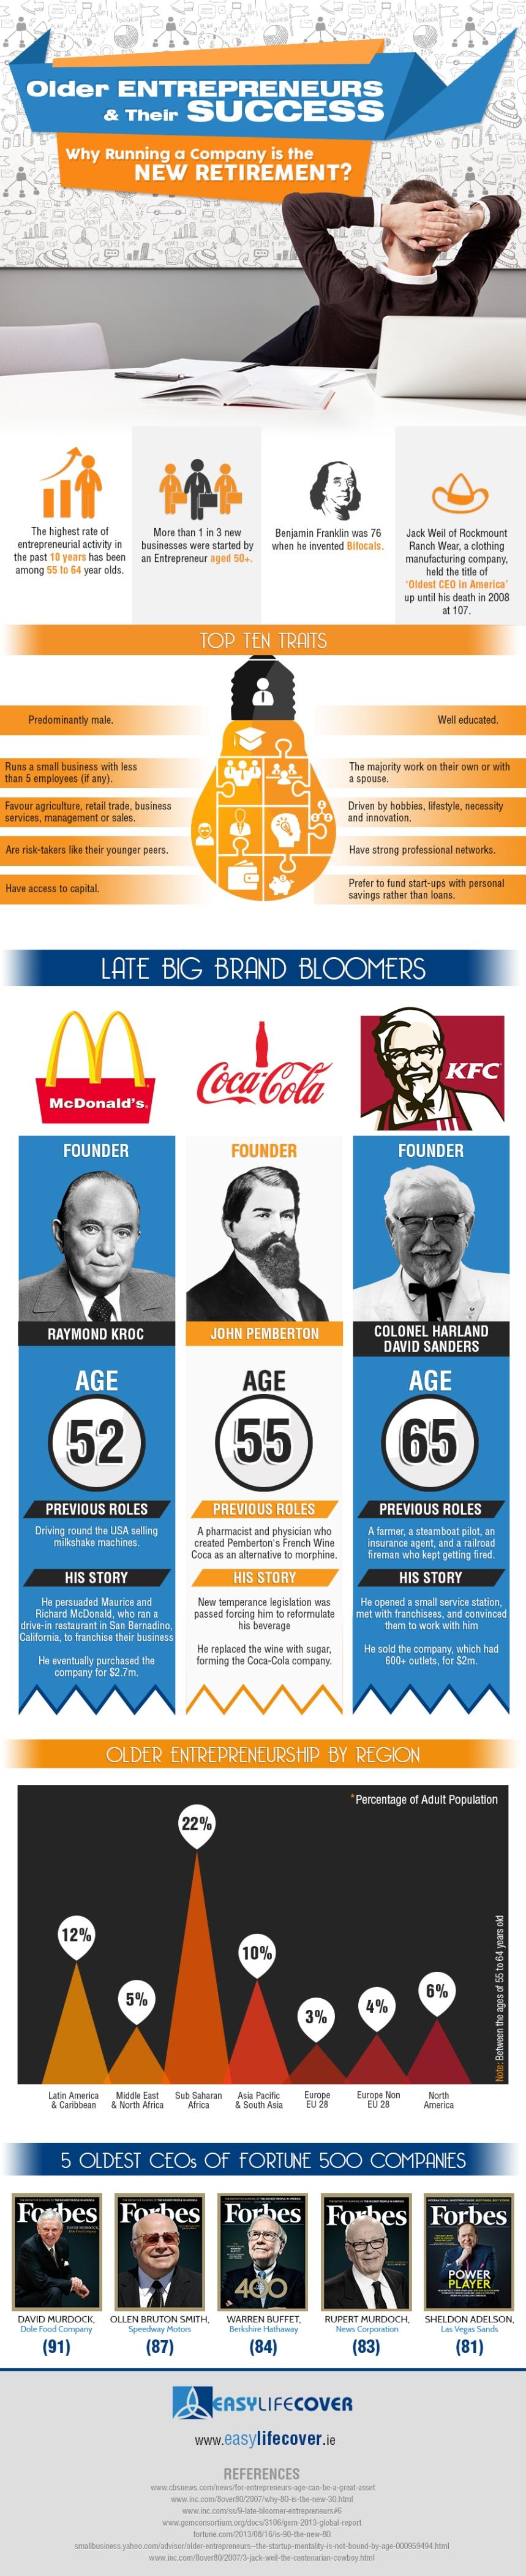 Quién emprendió después de los 50 años (muy conocidos)